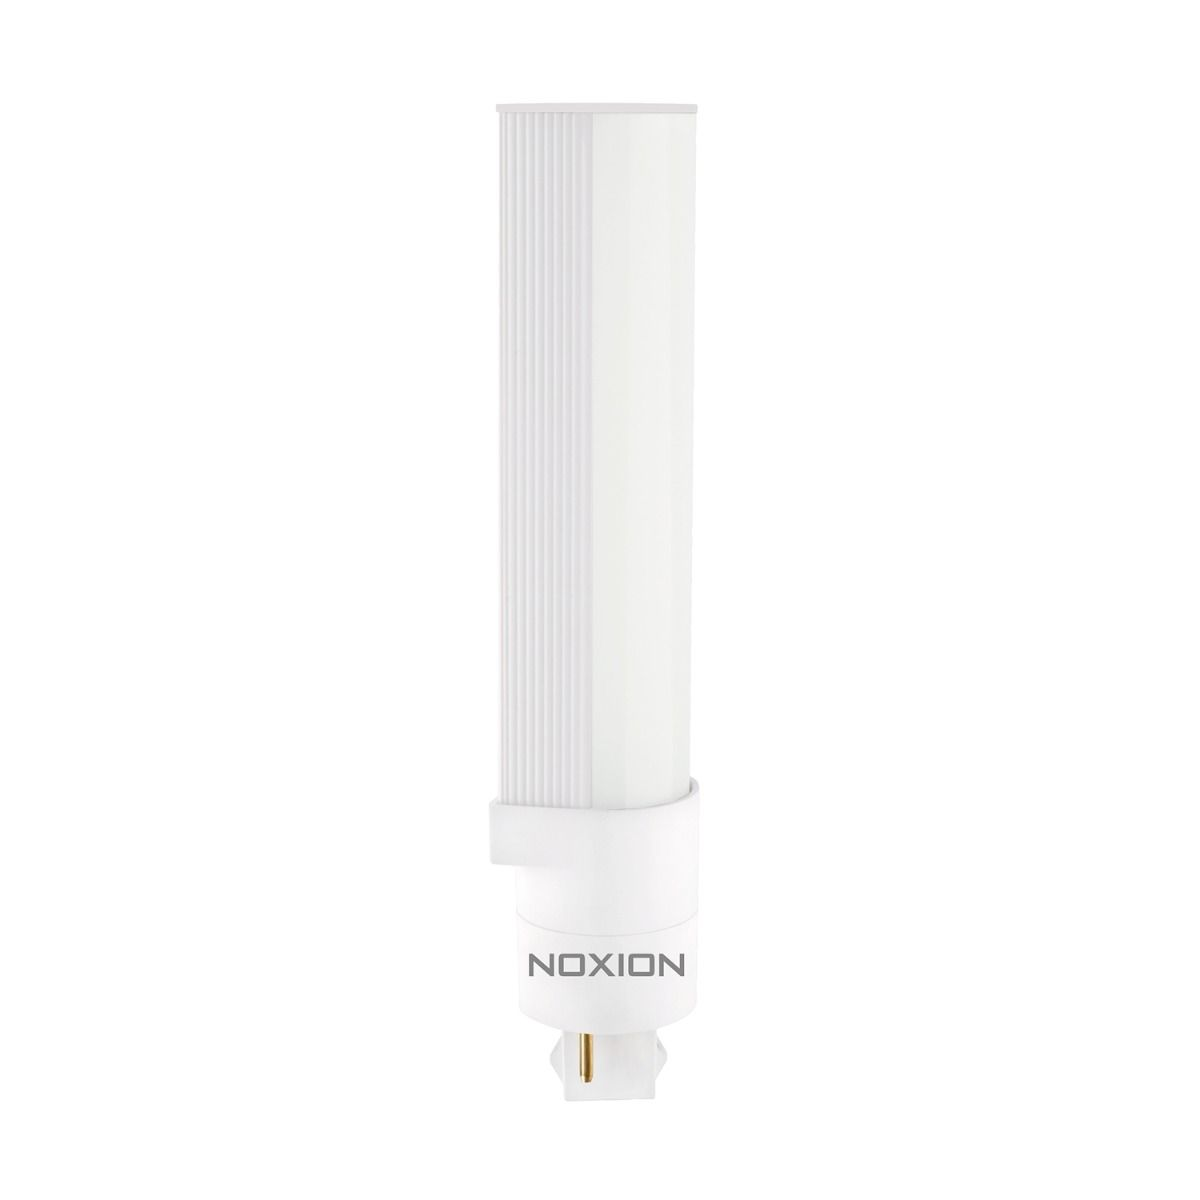 Noxion Lucent LED PL-C EM 6.5W 830 | varm hvit - 2-stift - erstatter 18W